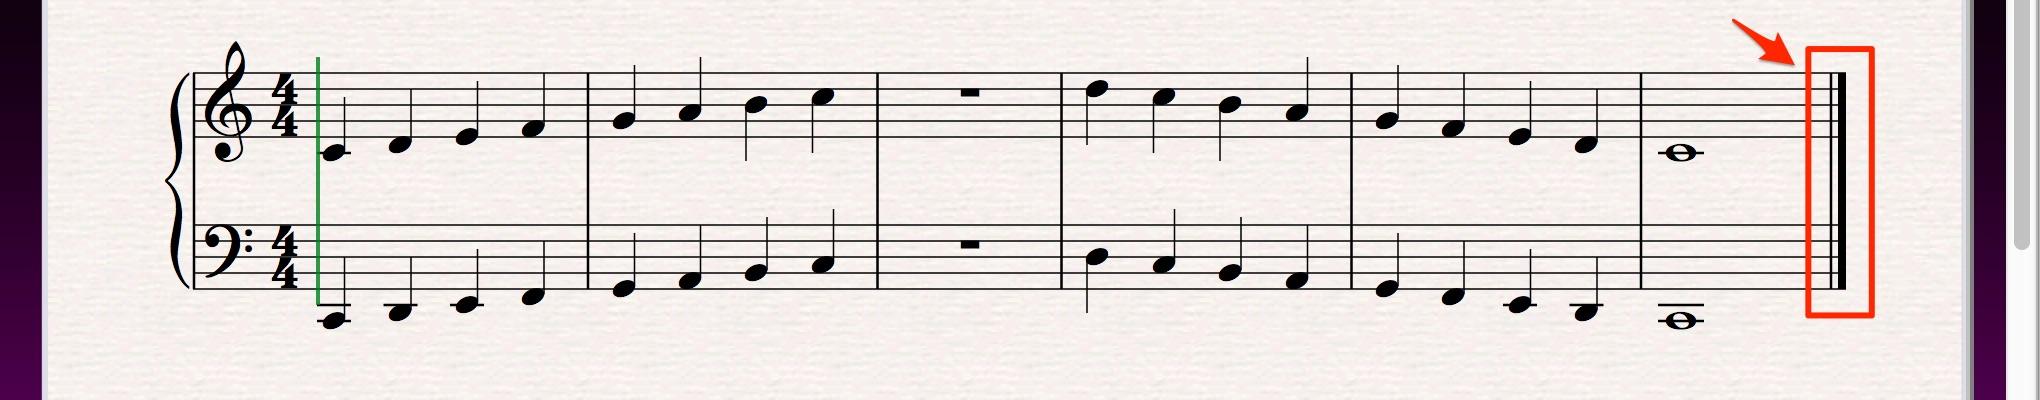 無題_と_Avid_Japan_Audio_Blog__Sibeliusで歌もの楽曲の楽譜作成にチャレンジ_3「画面のスクロール操作、旗の向きの調整、小節の追加・削除」